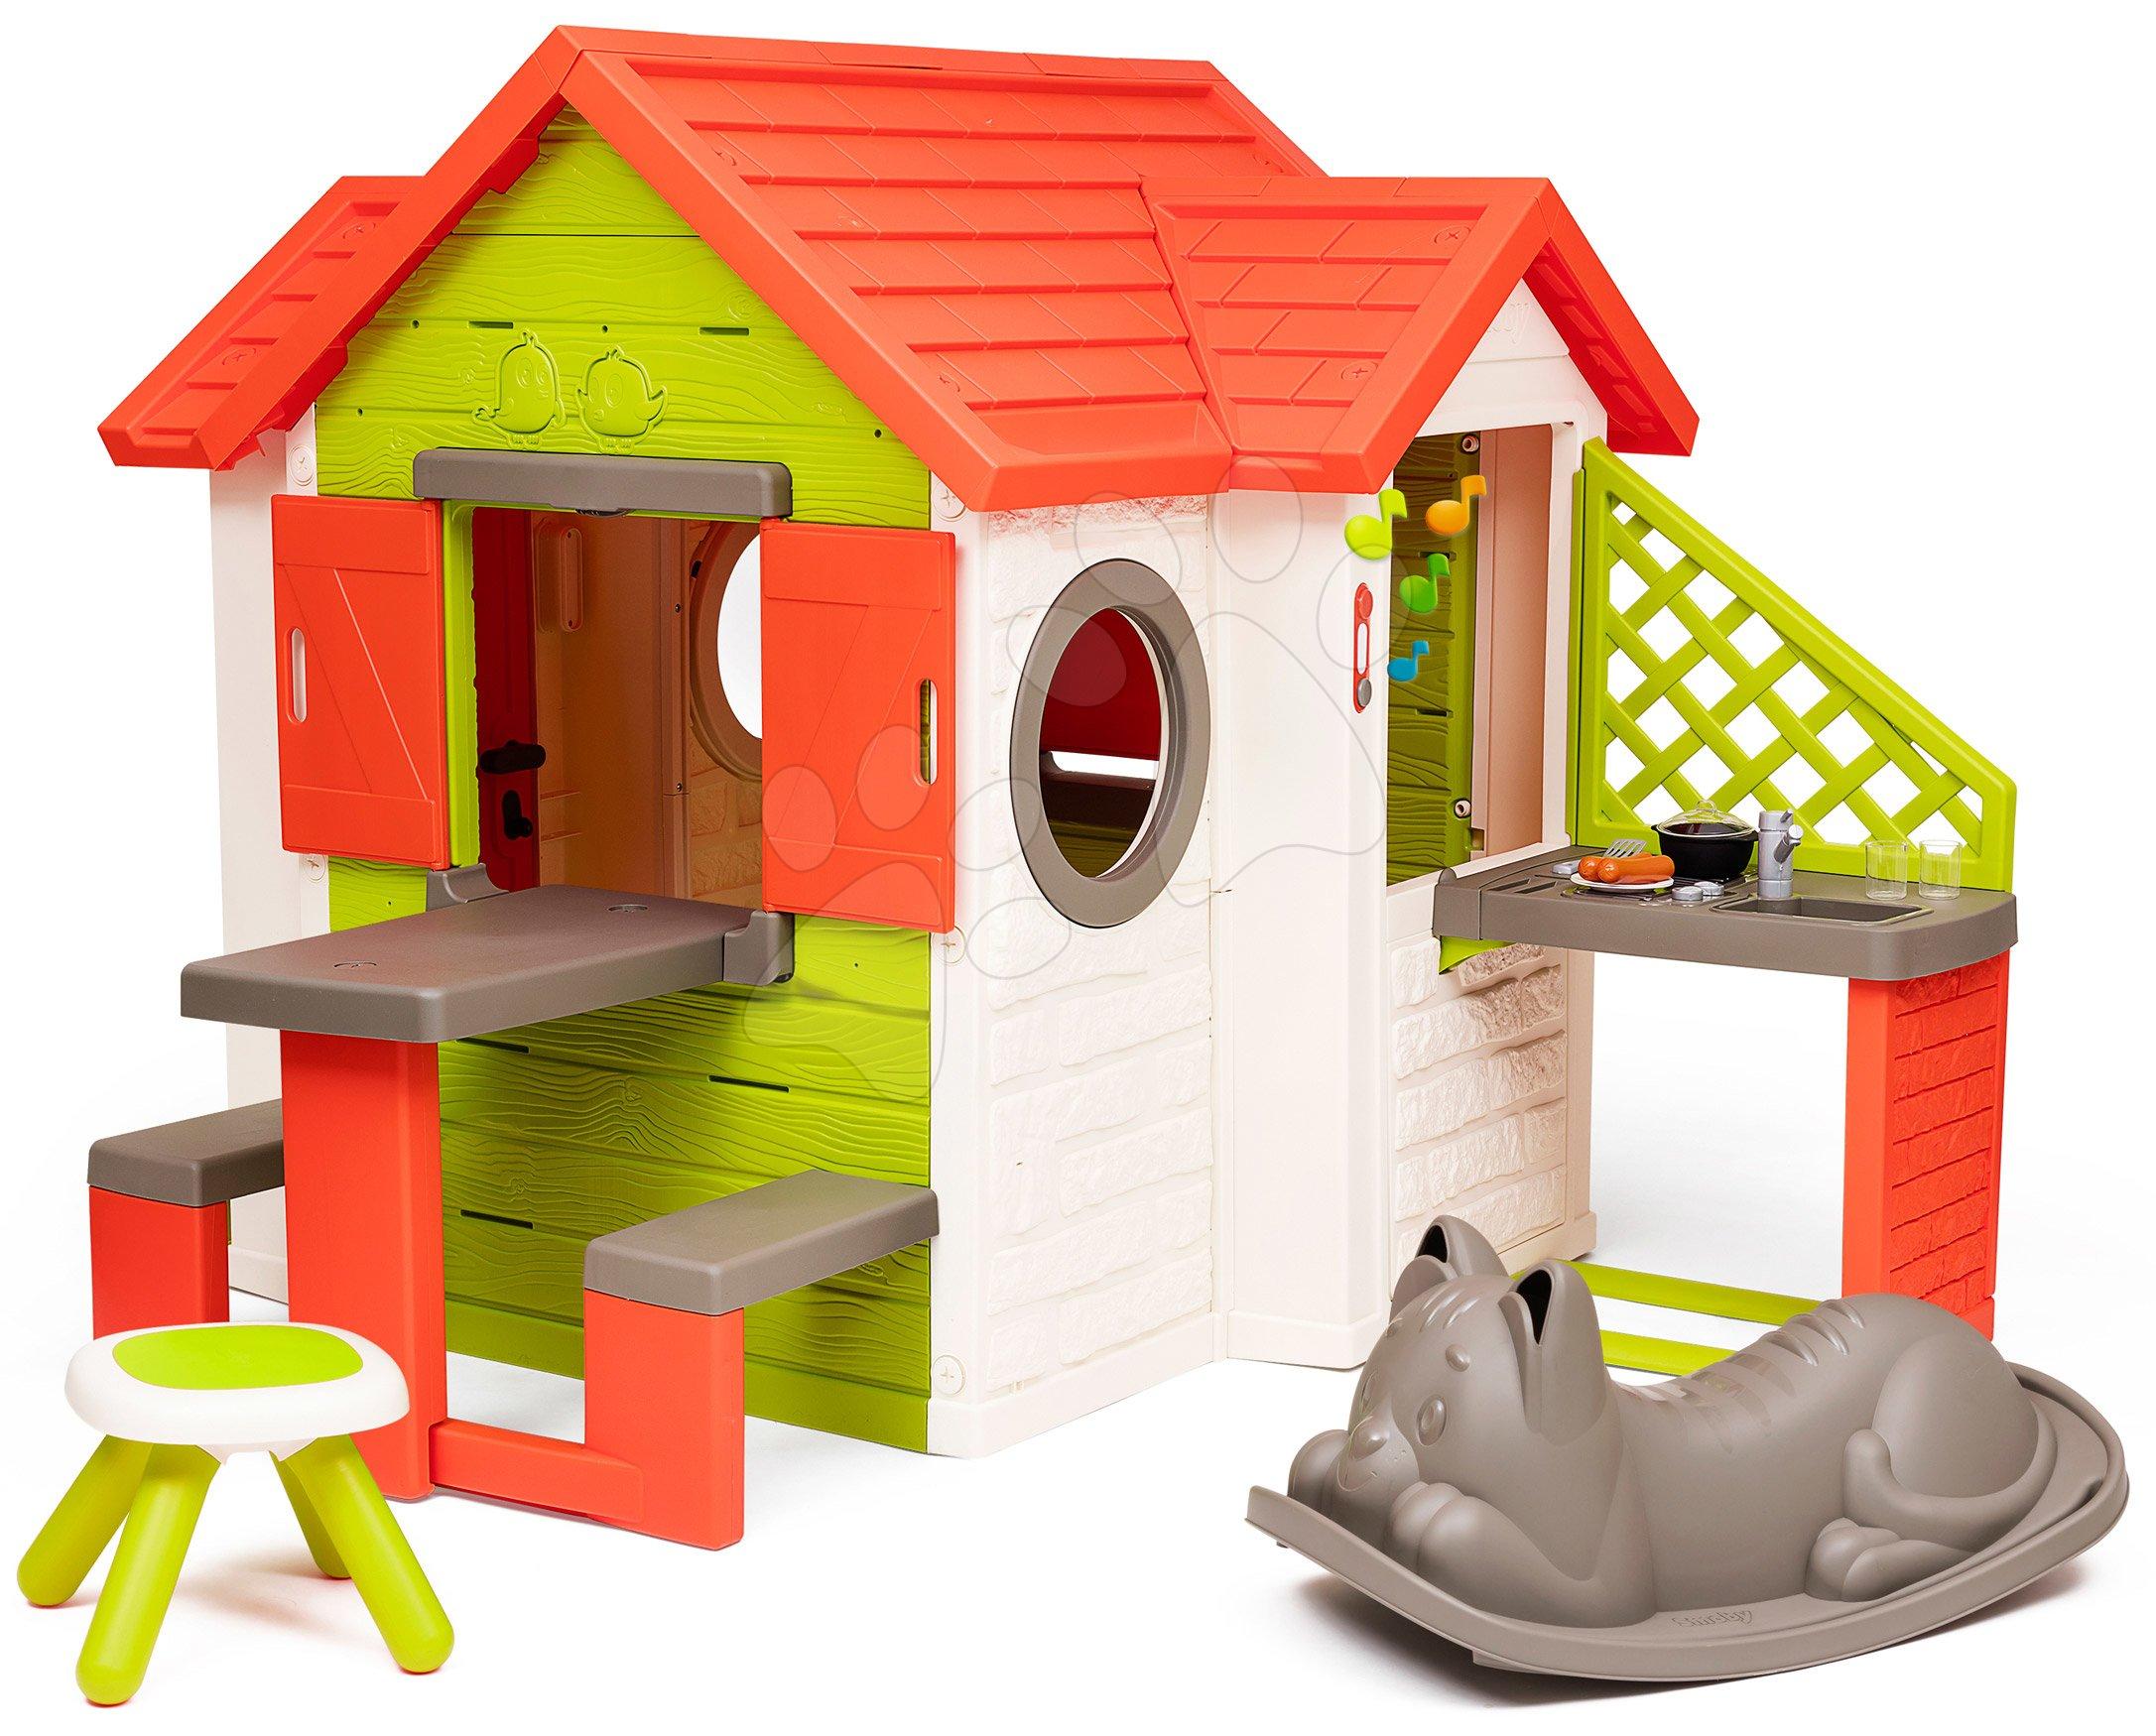 Domeček My Neo House DeLuxe Smoby s nástavbovým řešením a s houpačkou a stolečkem